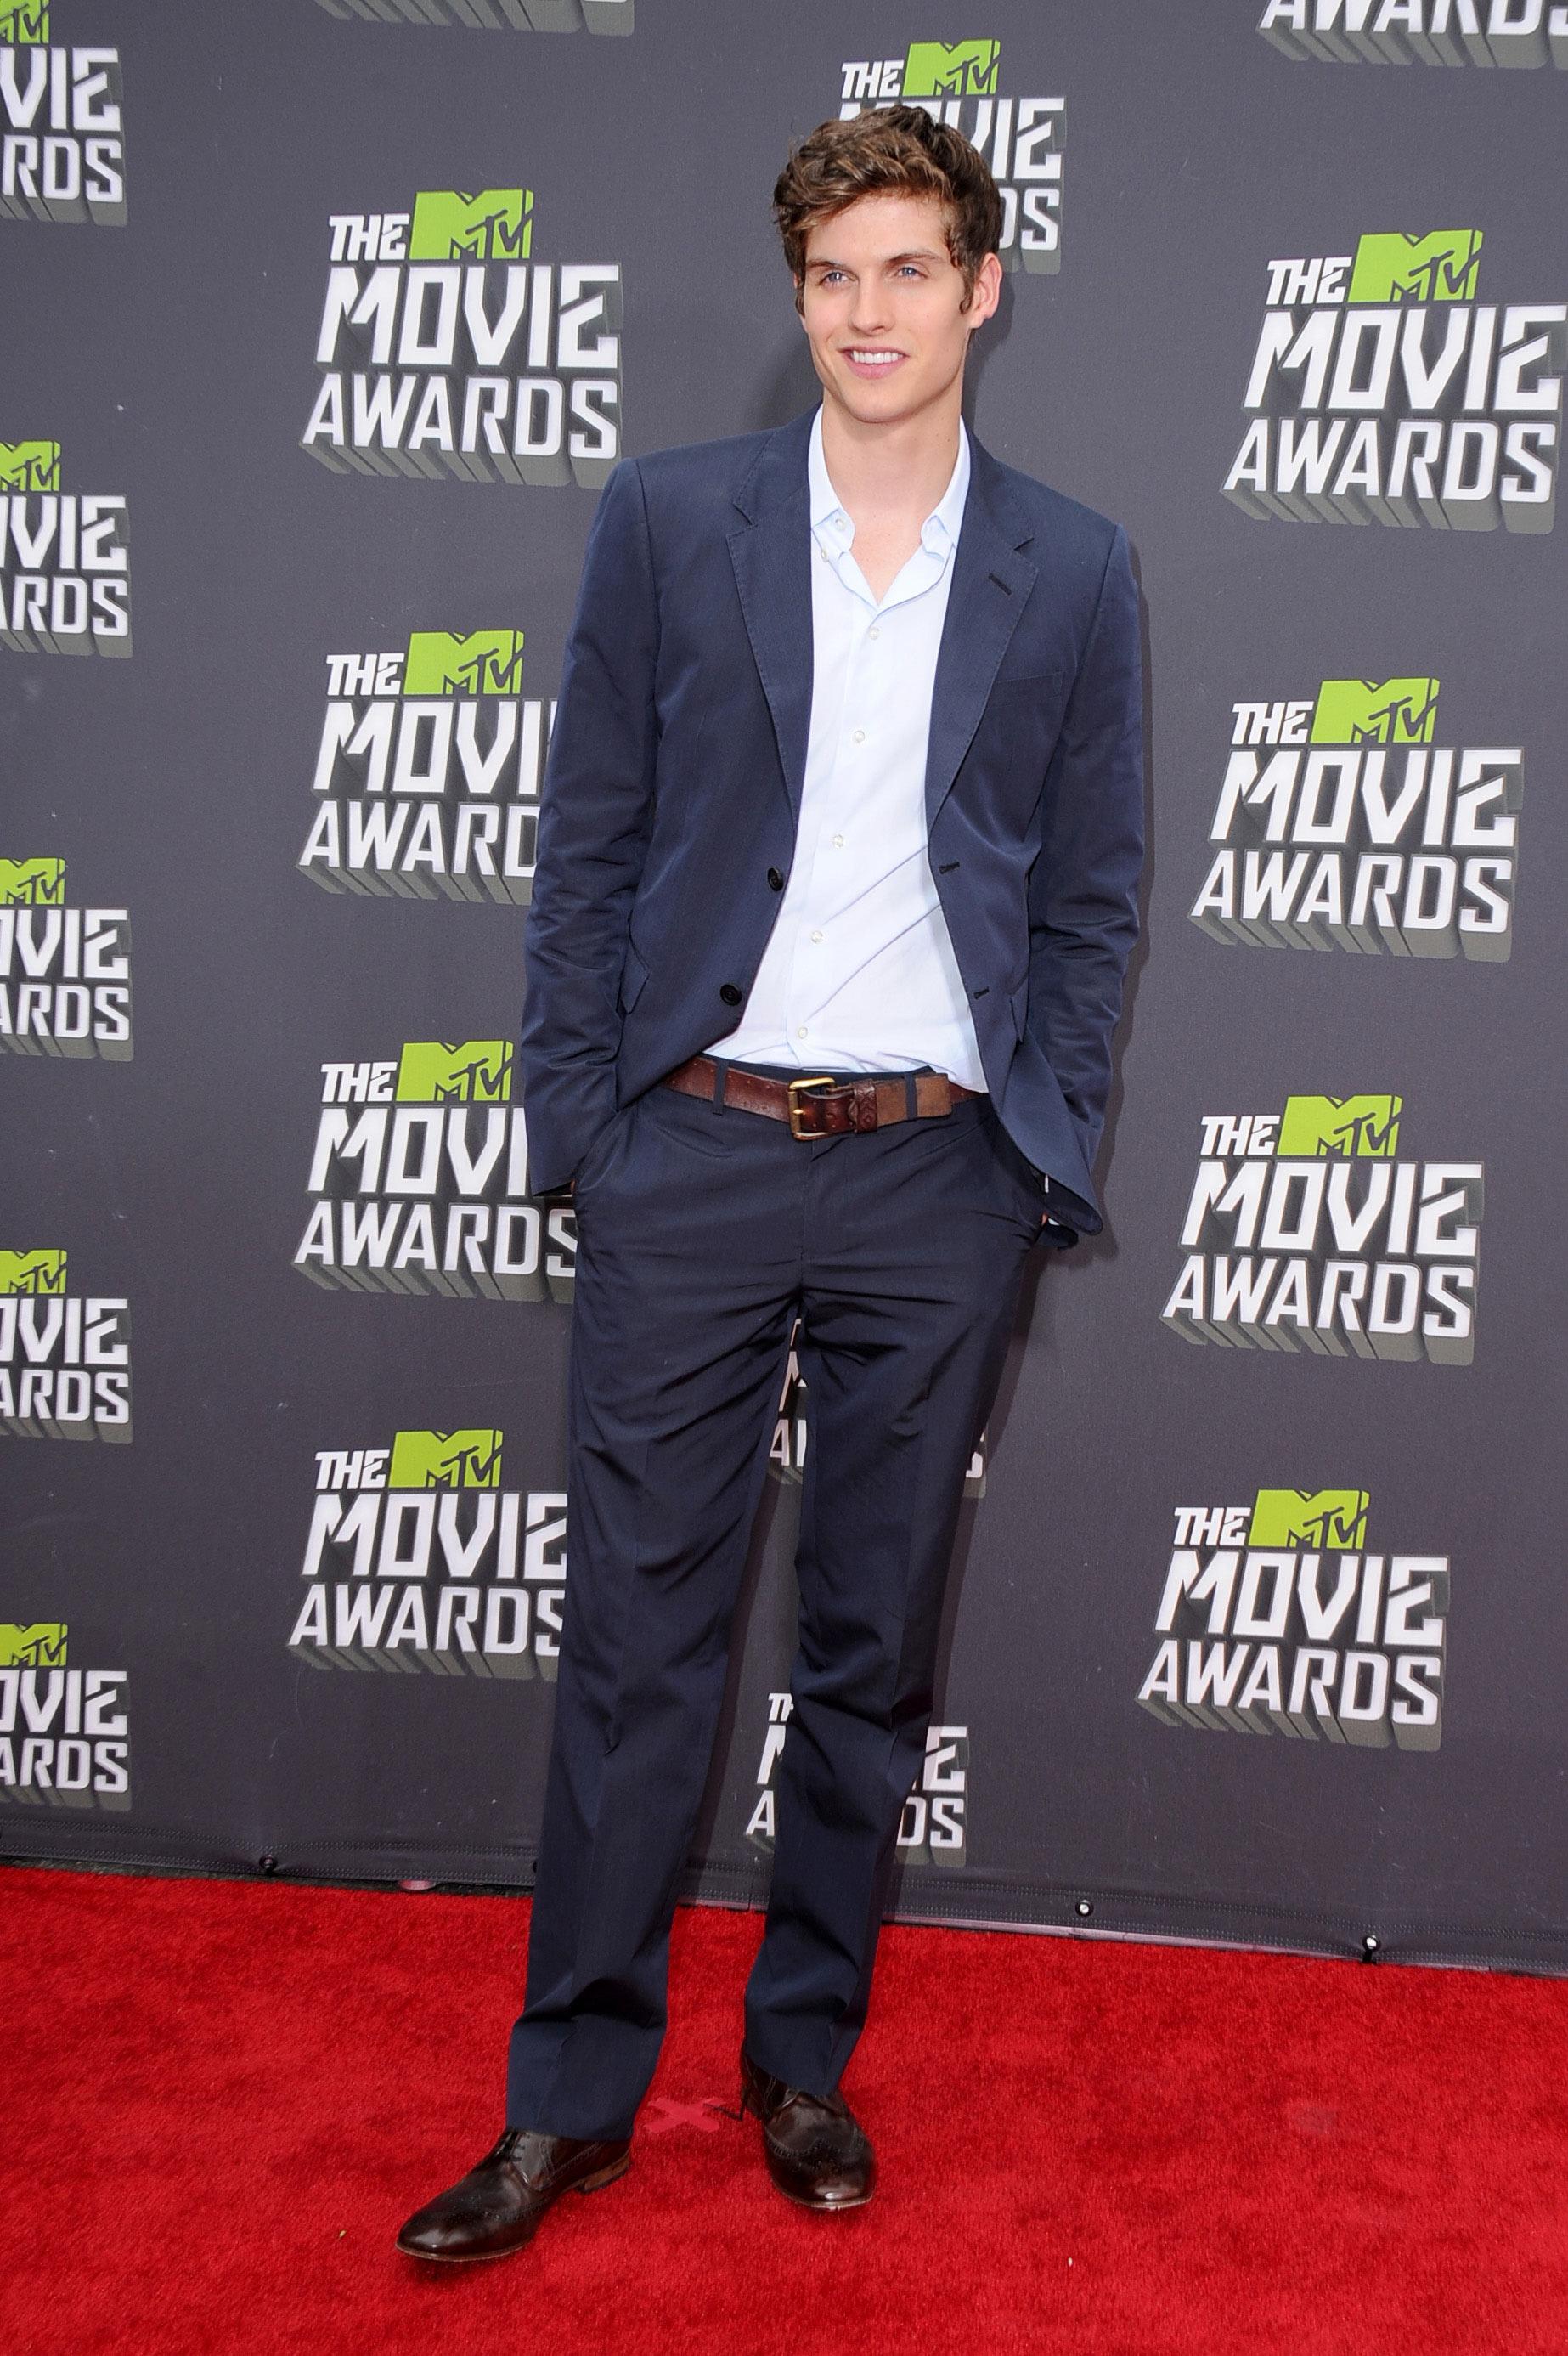 2013 엠티비 Movie Awards - Arrivals